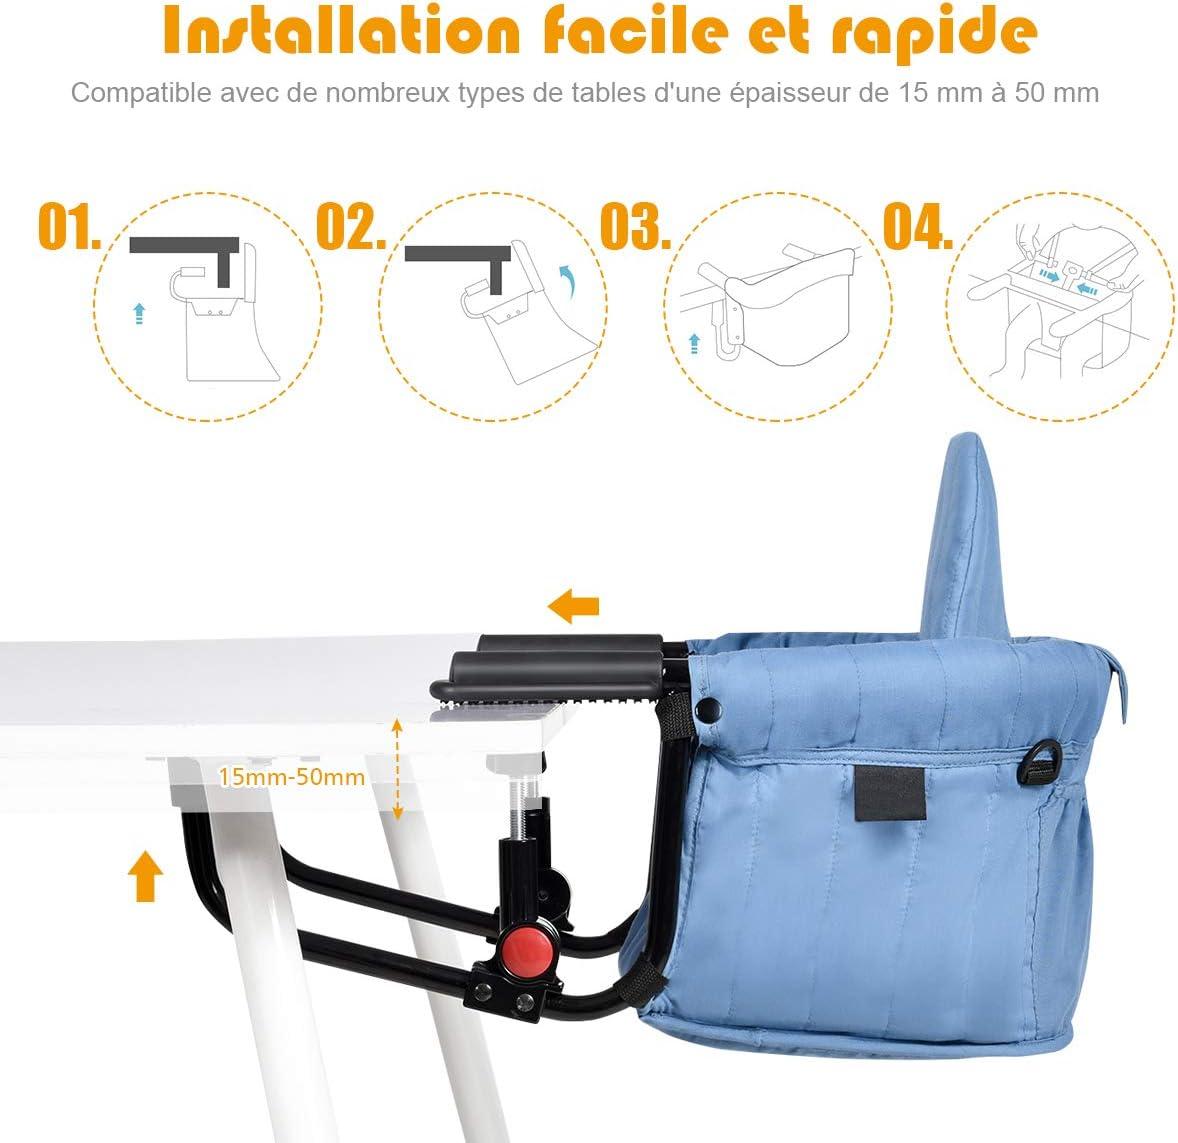 COSTWAY Si/ège de Table Pliante pour B/éb/é 6-12Mois Fixation Stable avec Ceinture De S/écurit/é,Poche de Rangement Capacit/é de Charge Maximale 15KG pour Maison,Voyages